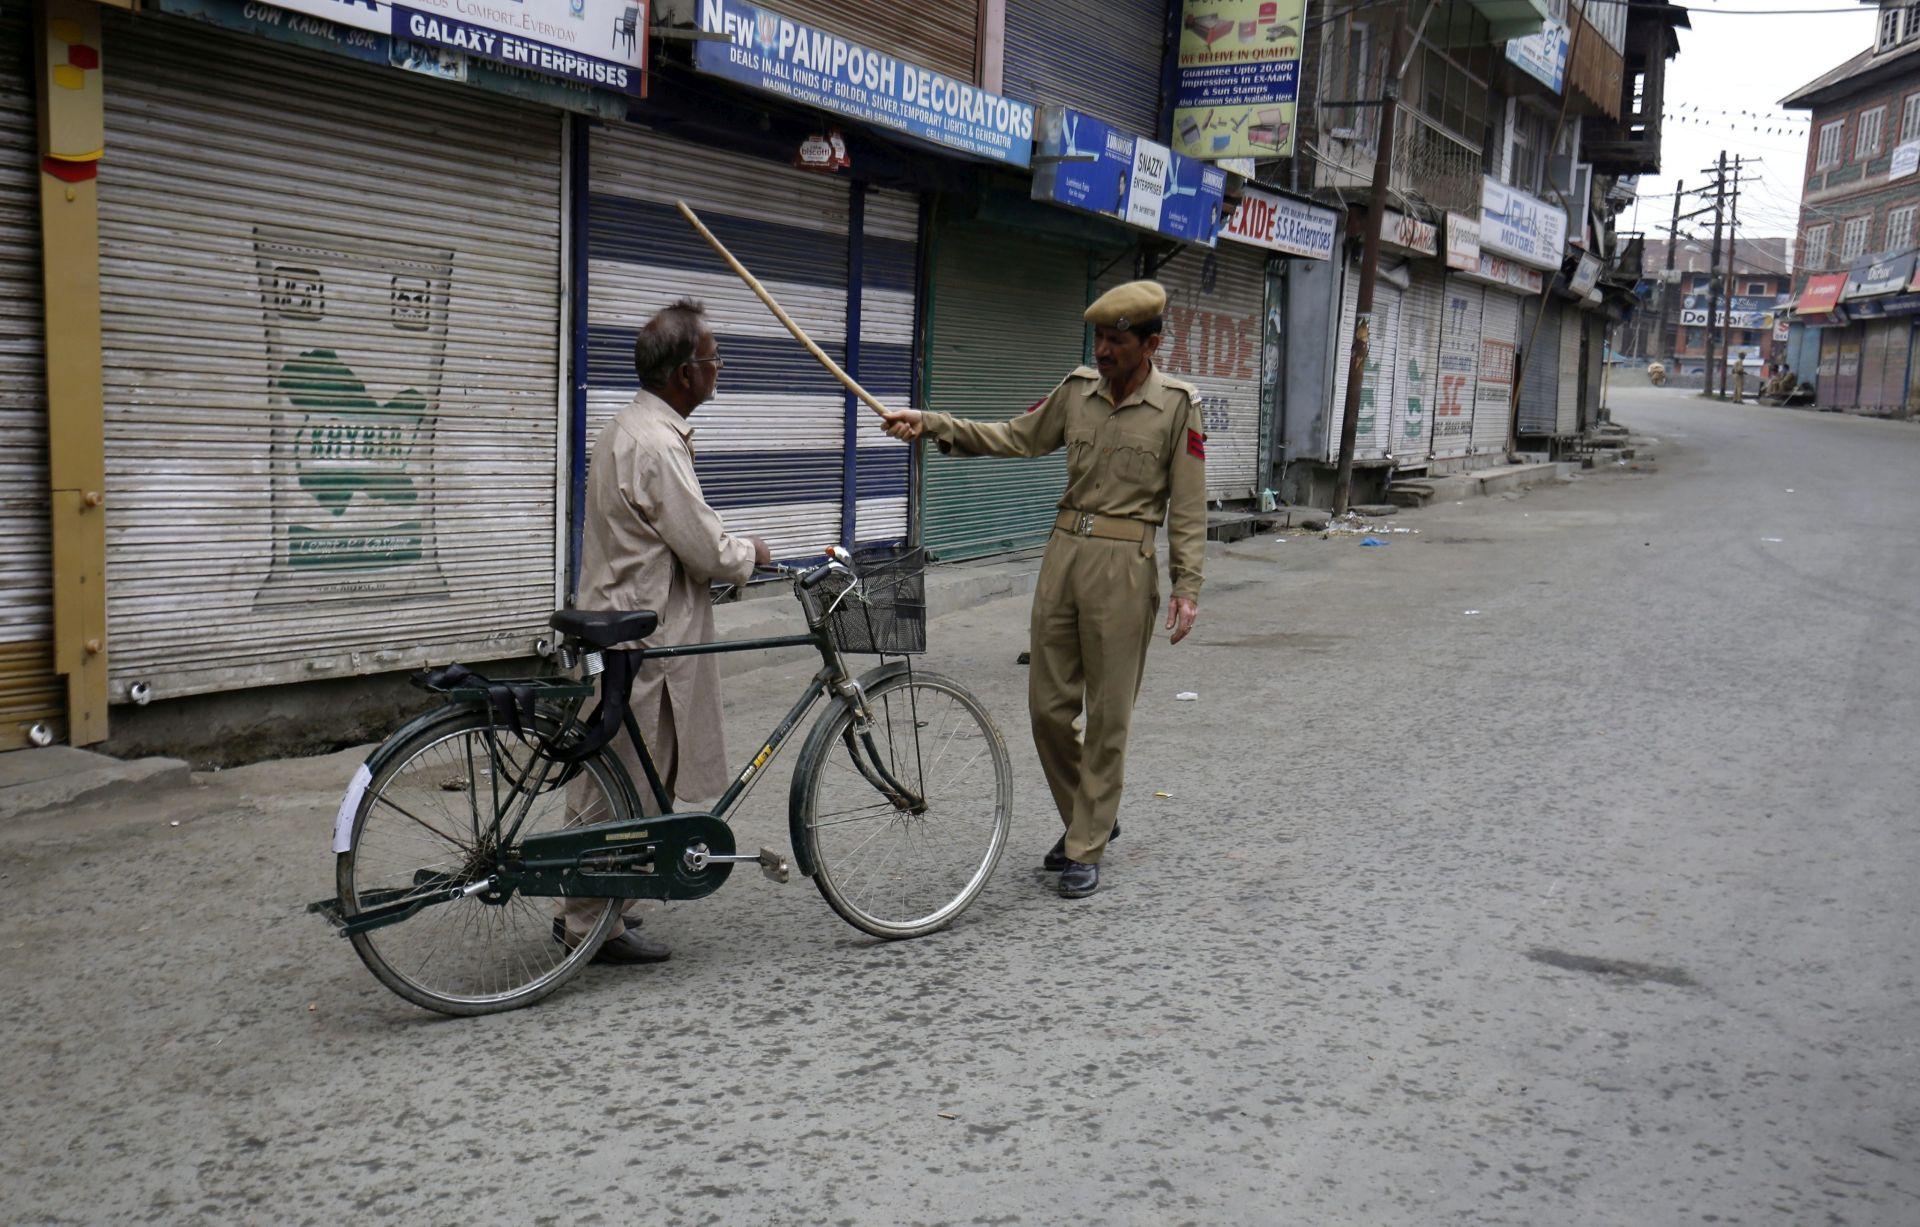 ZBOG DUGA OD 20 CENTA: U Indiji trgovac ubio sjekirom bračni par